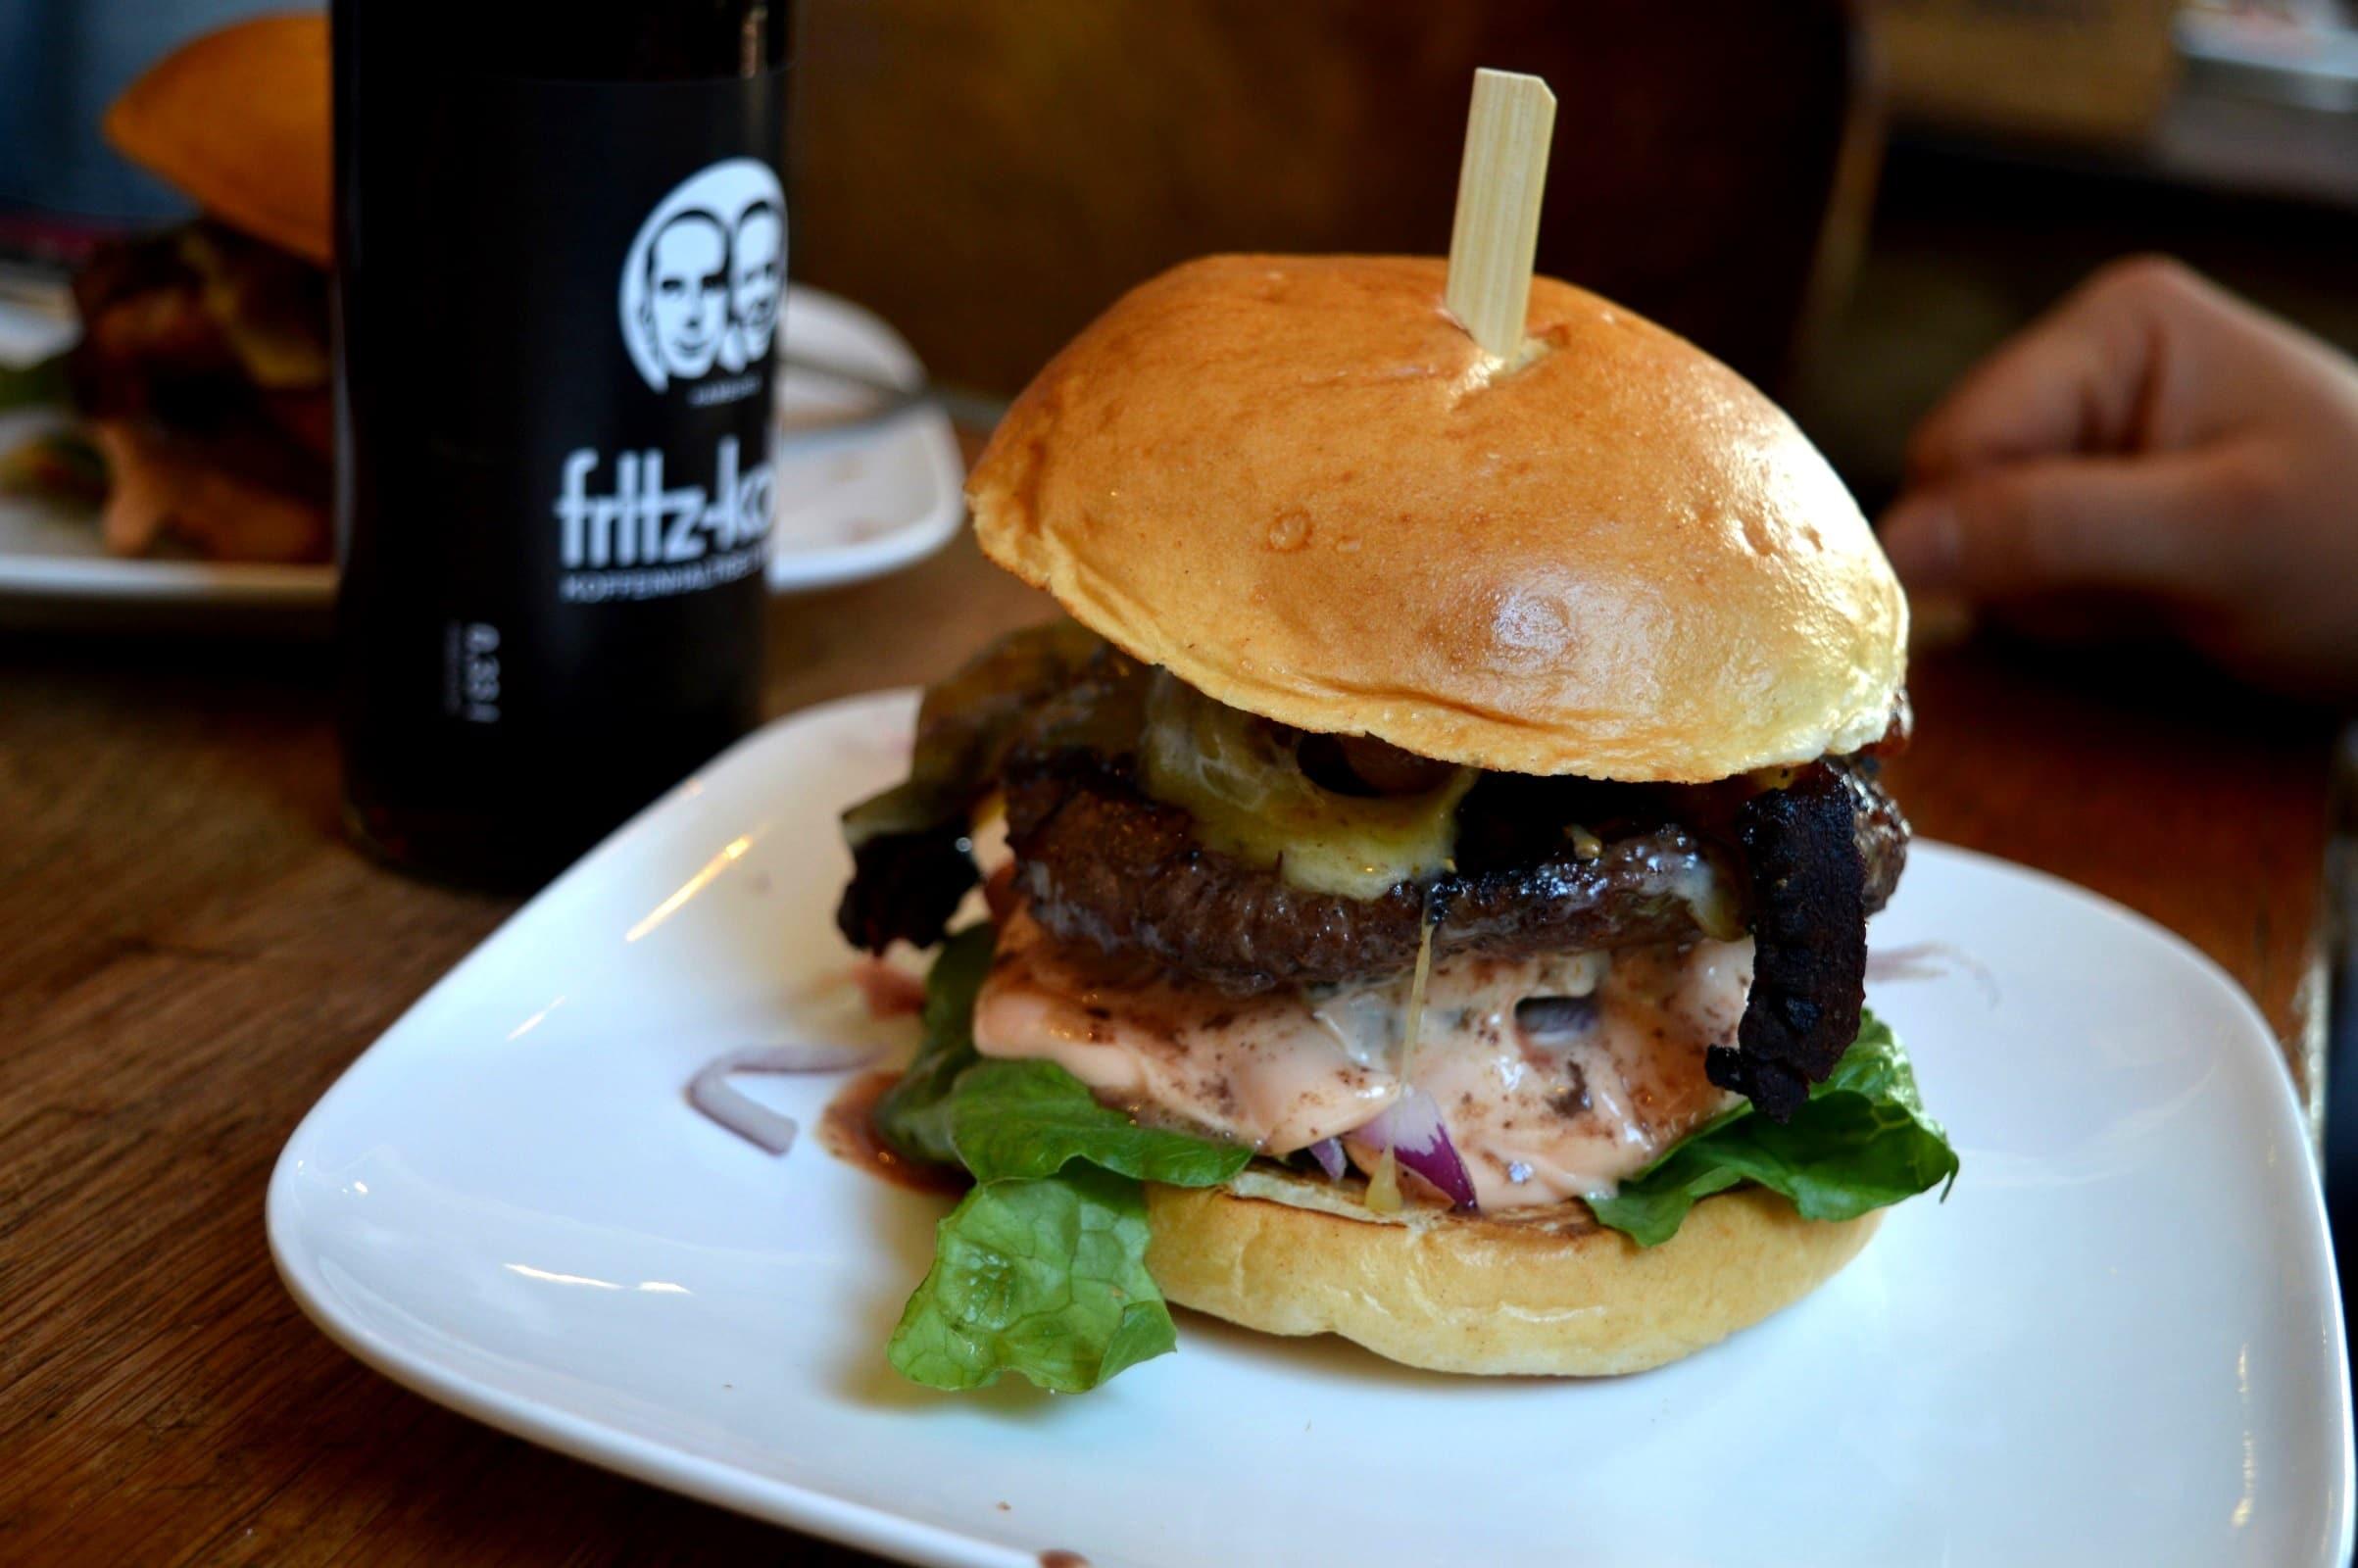 die fette kuh in k ln der cheeseburger im test bacon zum steak. Black Bedroom Furniture Sets. Home Design Ideas